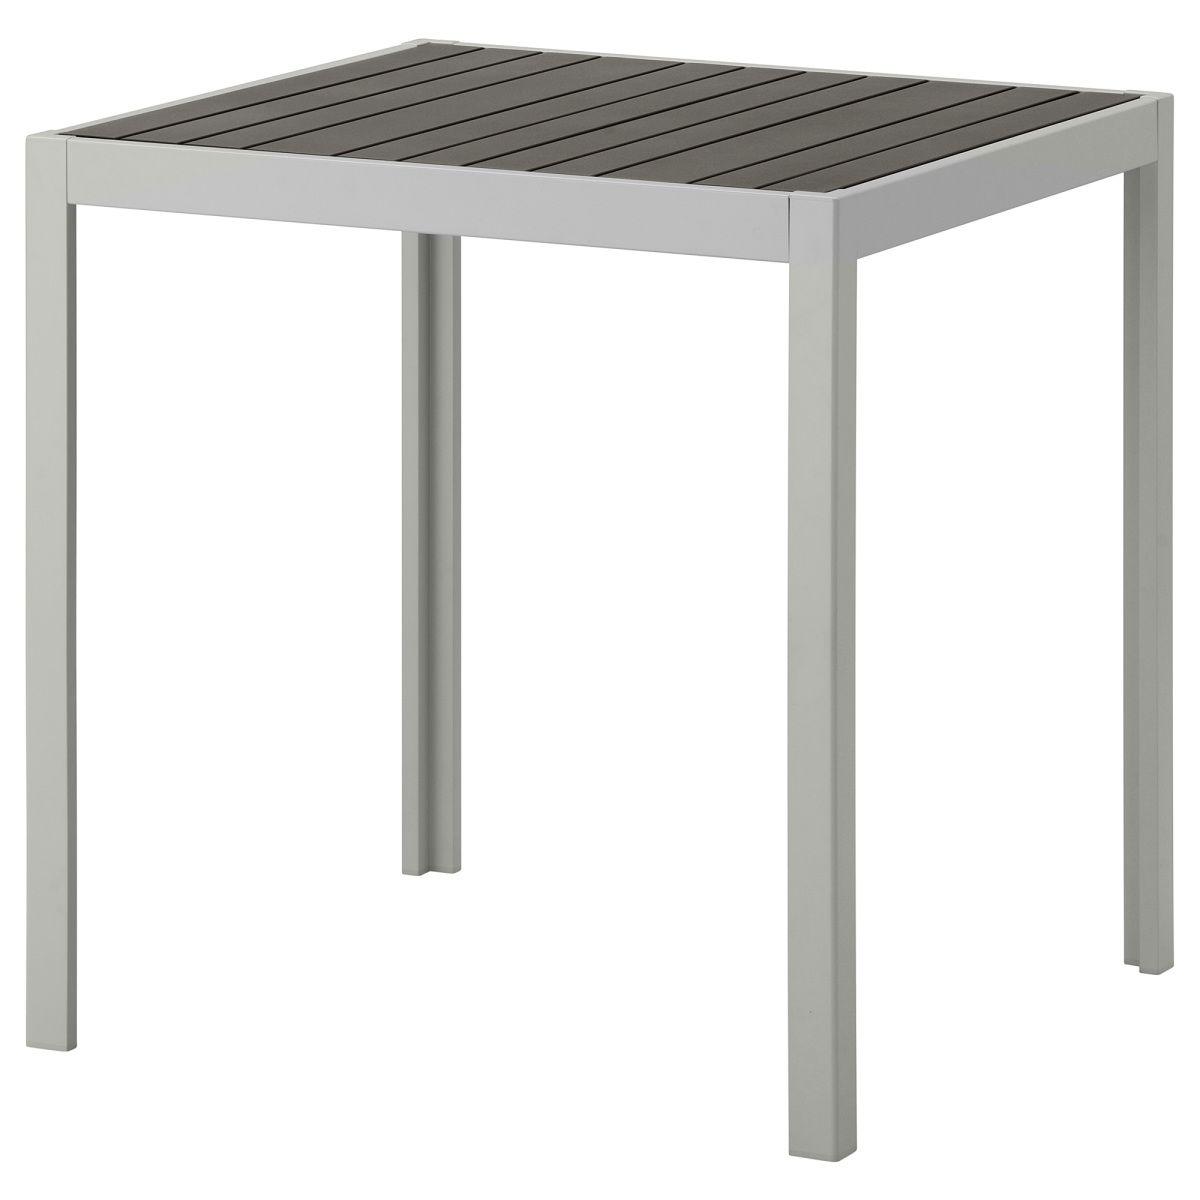 Full Size of Sjlland Ikea Miniküche Küche Kaufen Kosten Sofa Mit Schlaffunktion Betten 160x200 Bei Modulküche Wohnzimmer Gartentisch Ikea